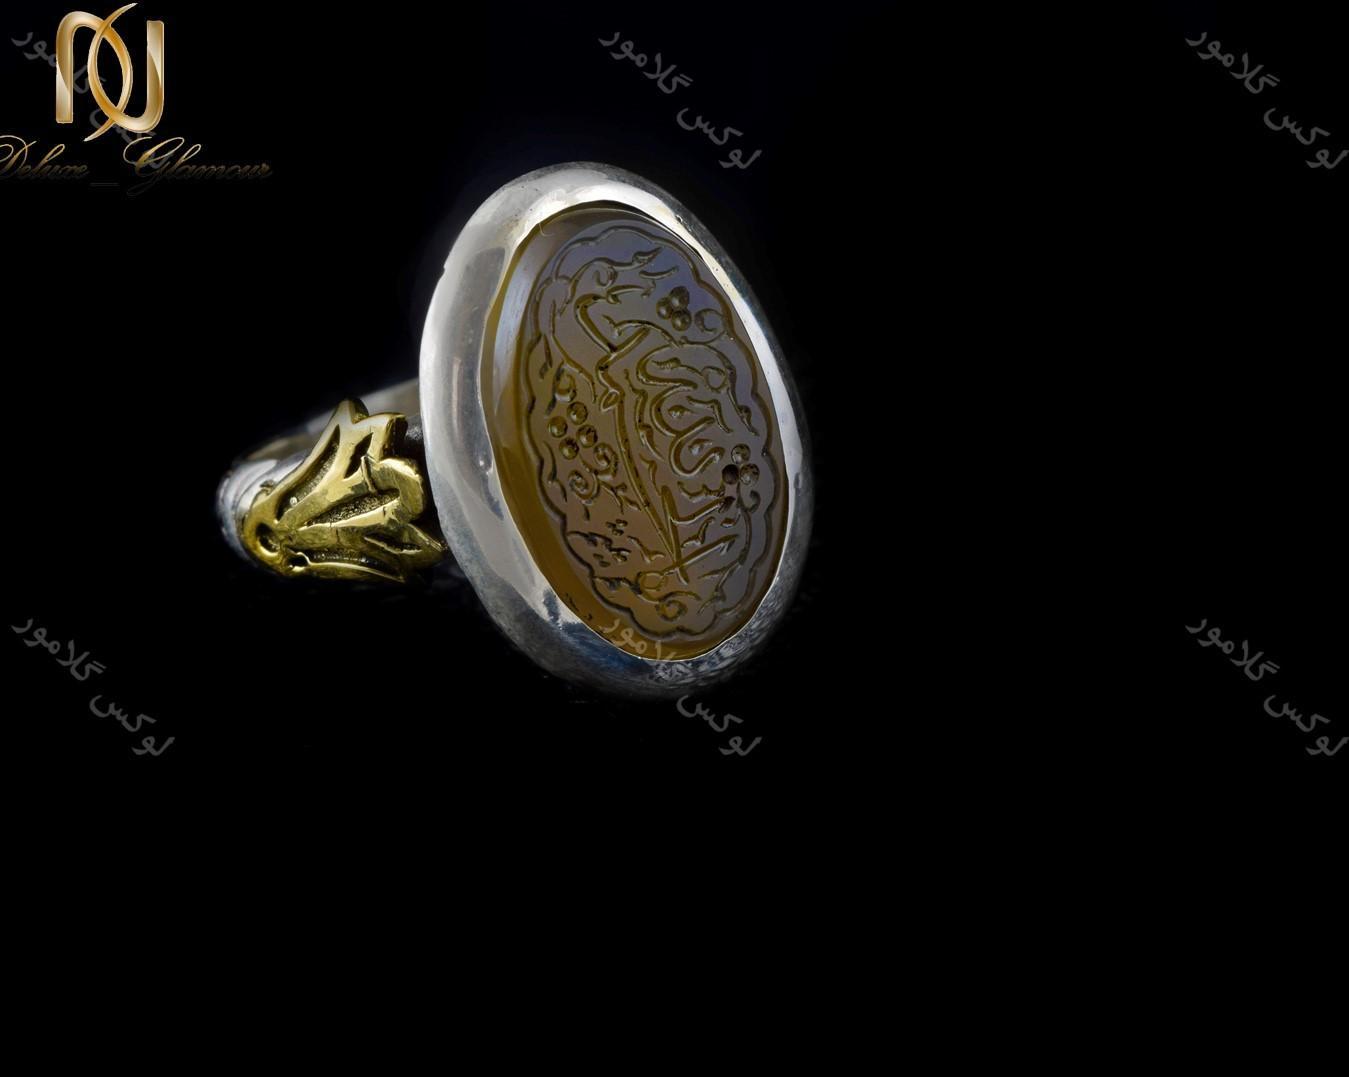 خرید انگشتر نقره مردانه با نگین عقیق زرد حکاکی شده Rg-n239 - زمینه مشکی